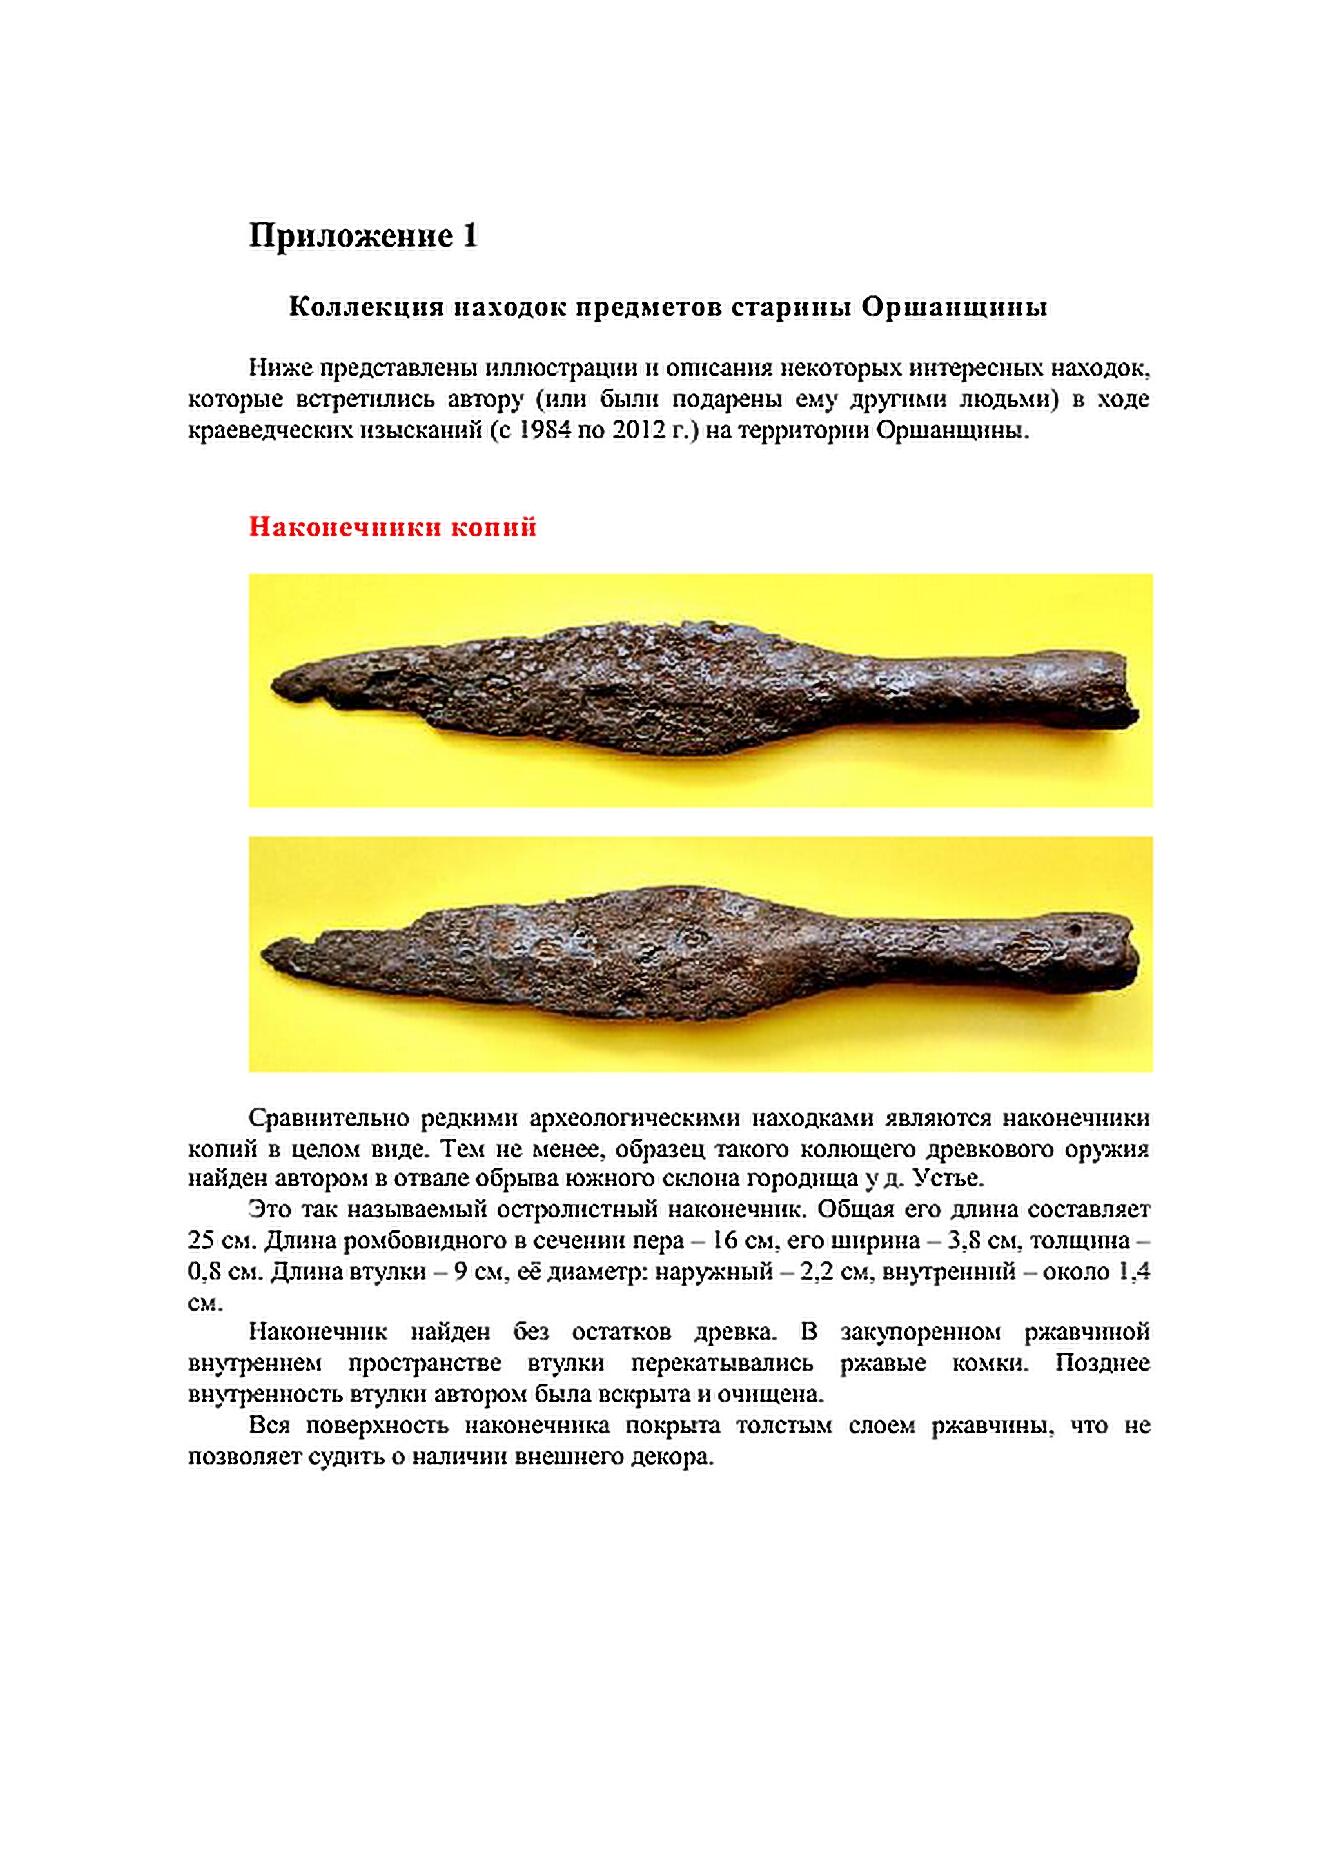 http://s5.uploads.ru/fA4kR.jpg